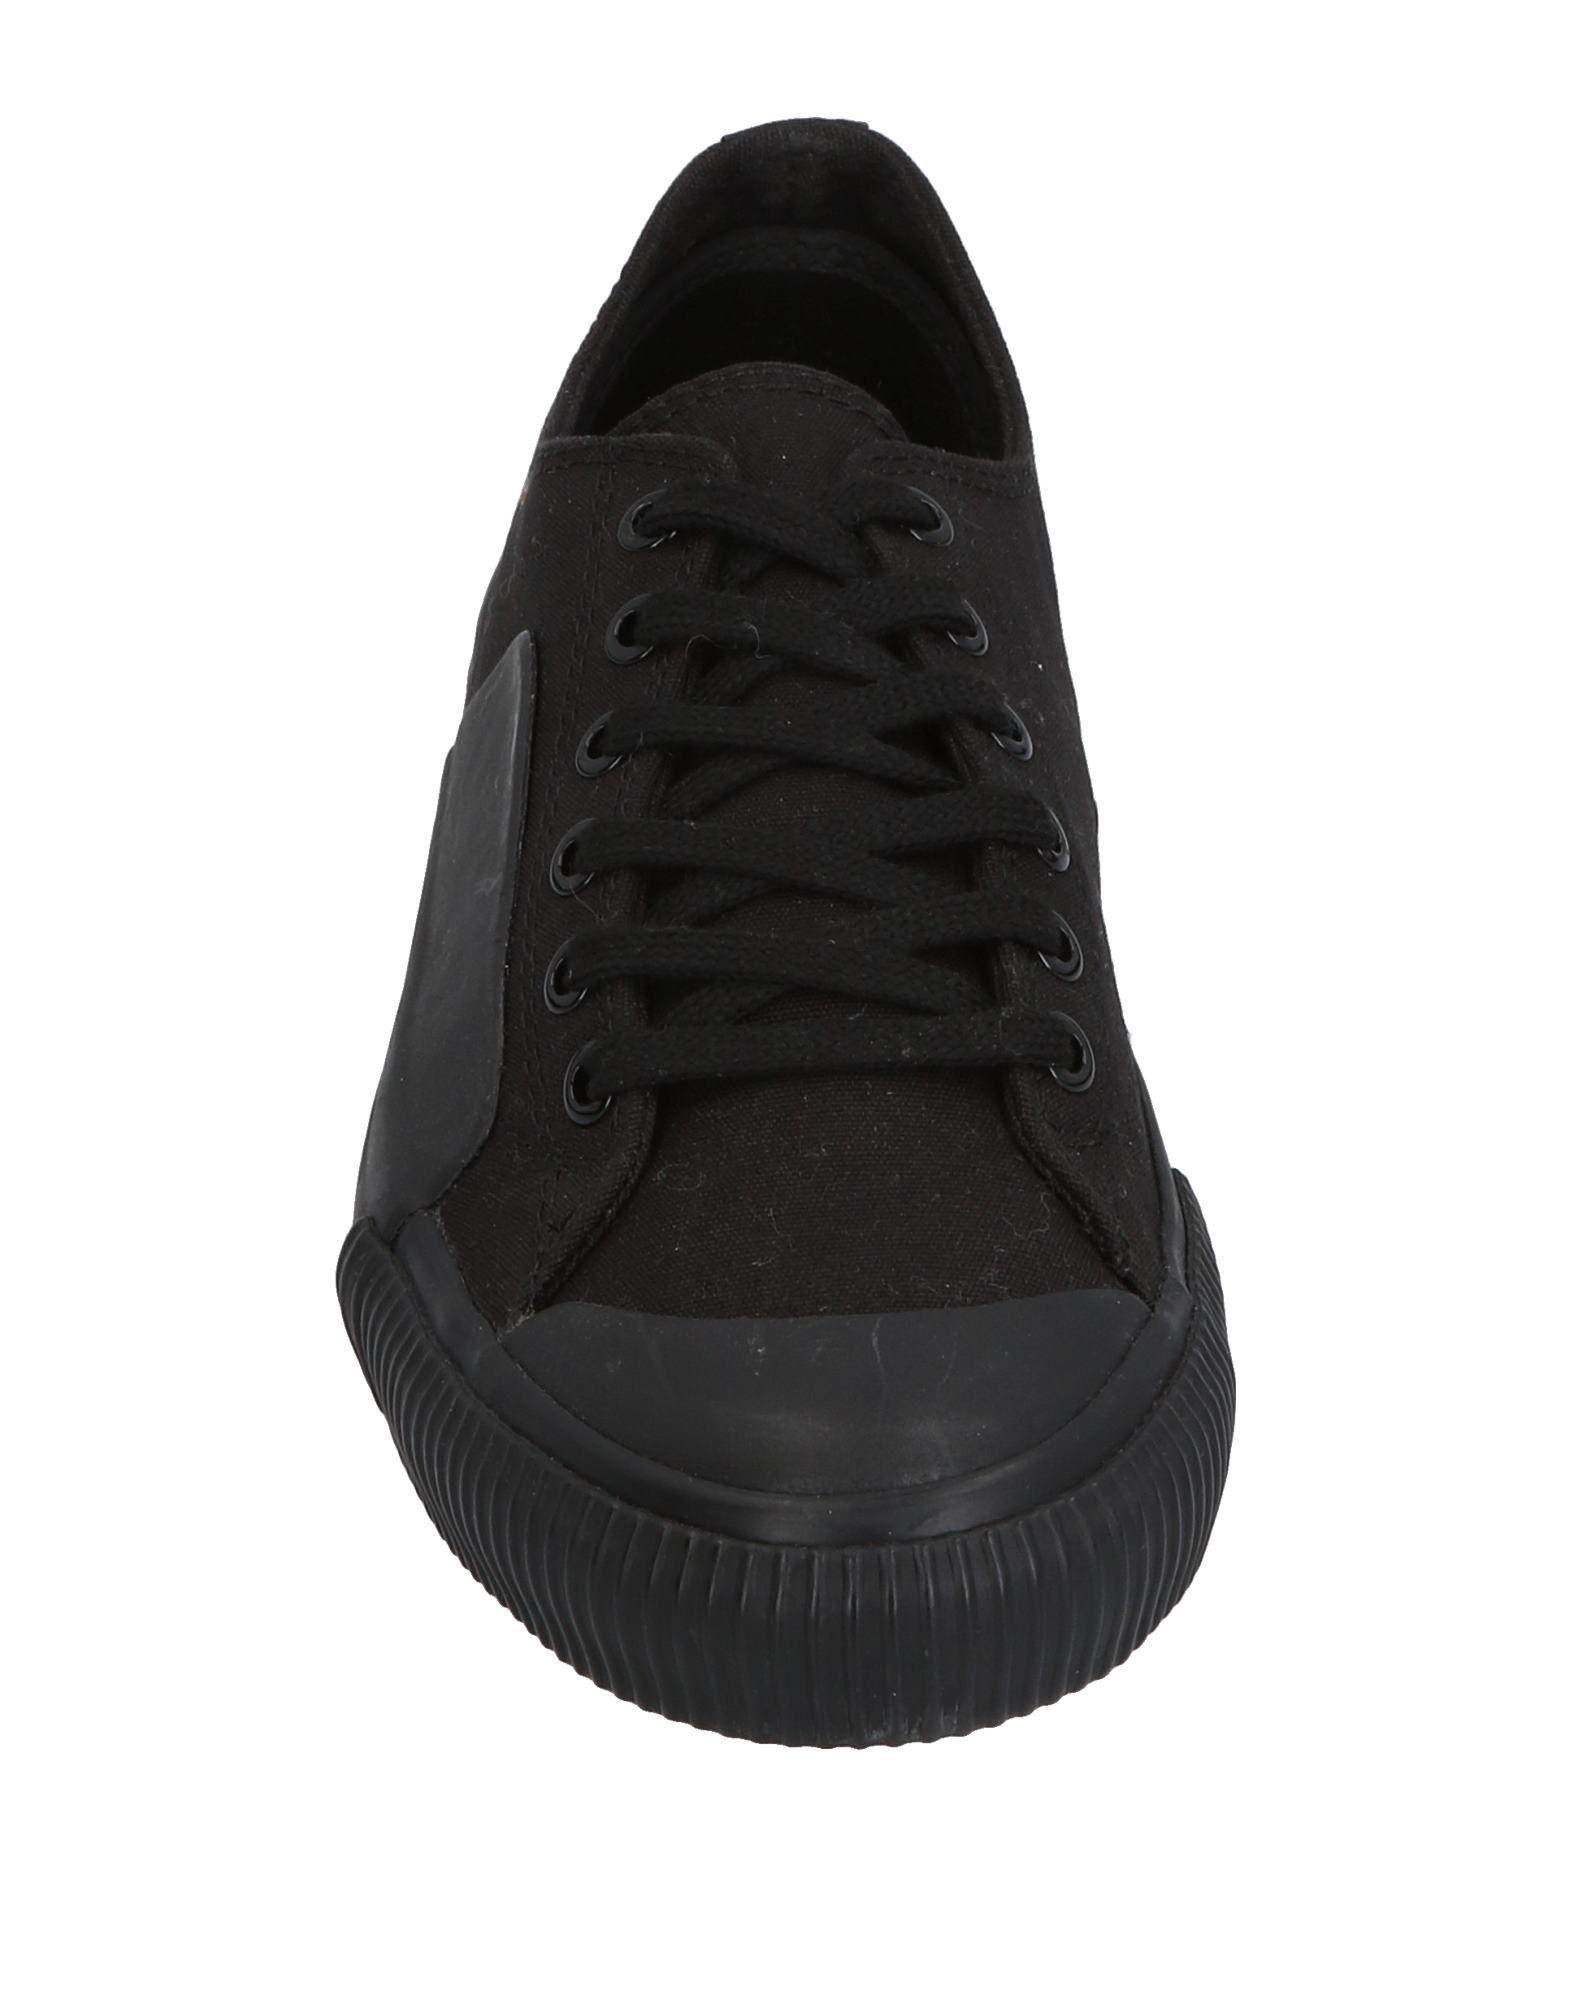 Y's Yohji Yamamoto Neue Sneakers Damen  11461010CS Neue Yamamoto Schuhe 1dbb3b